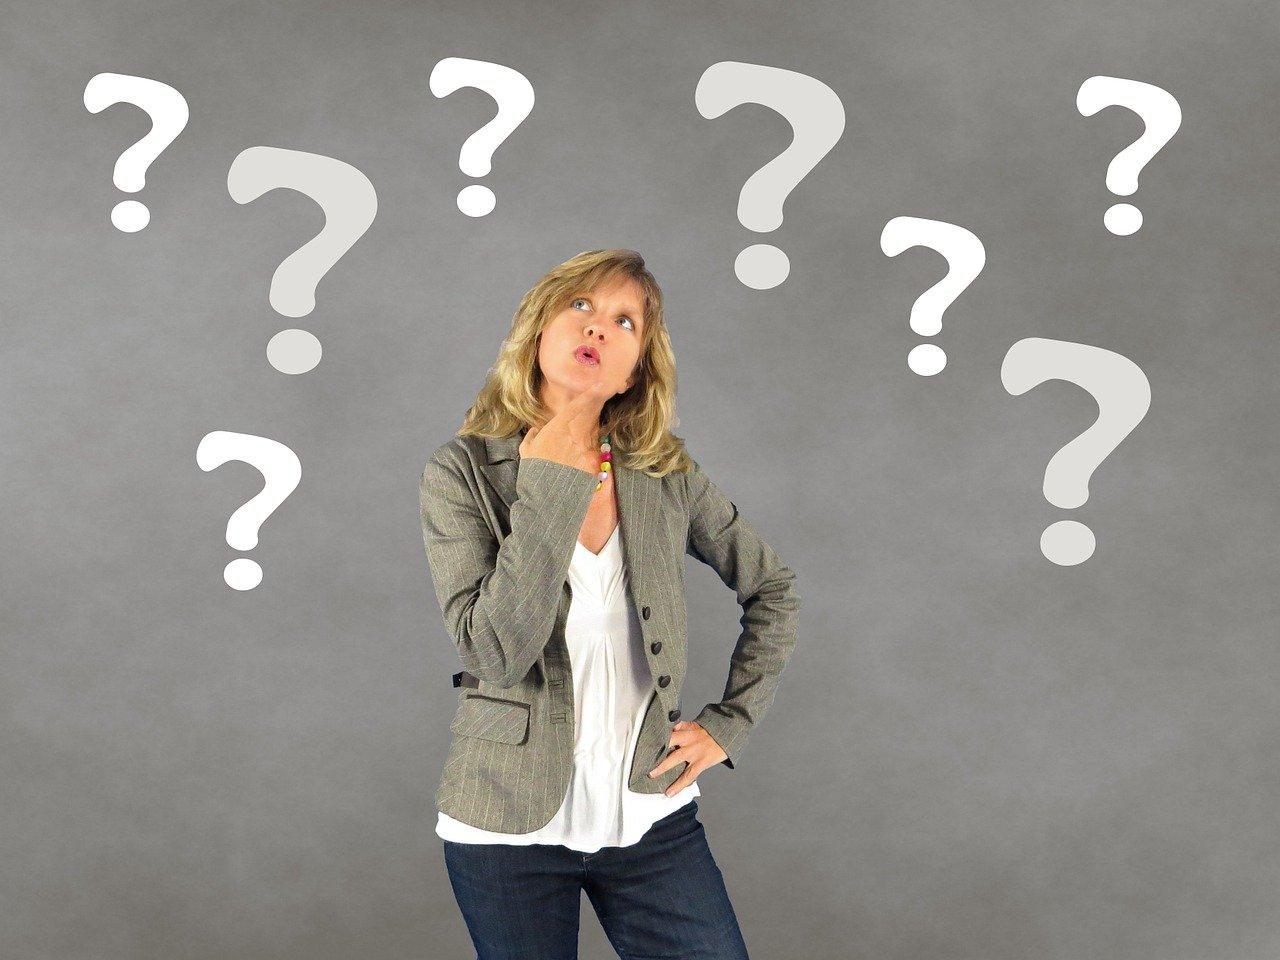 женщина, вопрос, затруднение, выбор, задумчивость